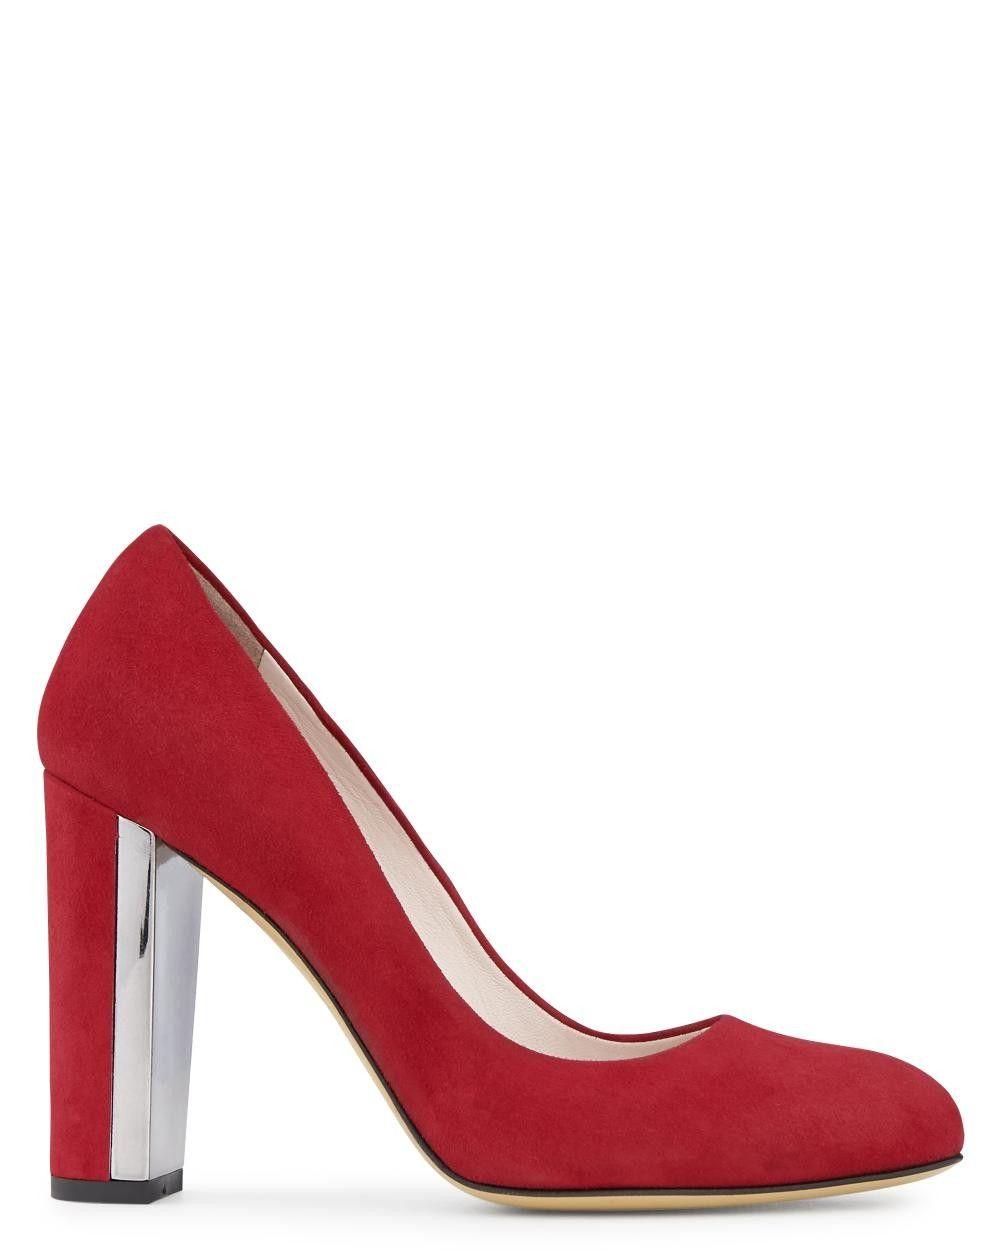 Marcelle, Boots femme - Noir, 40 EUStudio Paloma